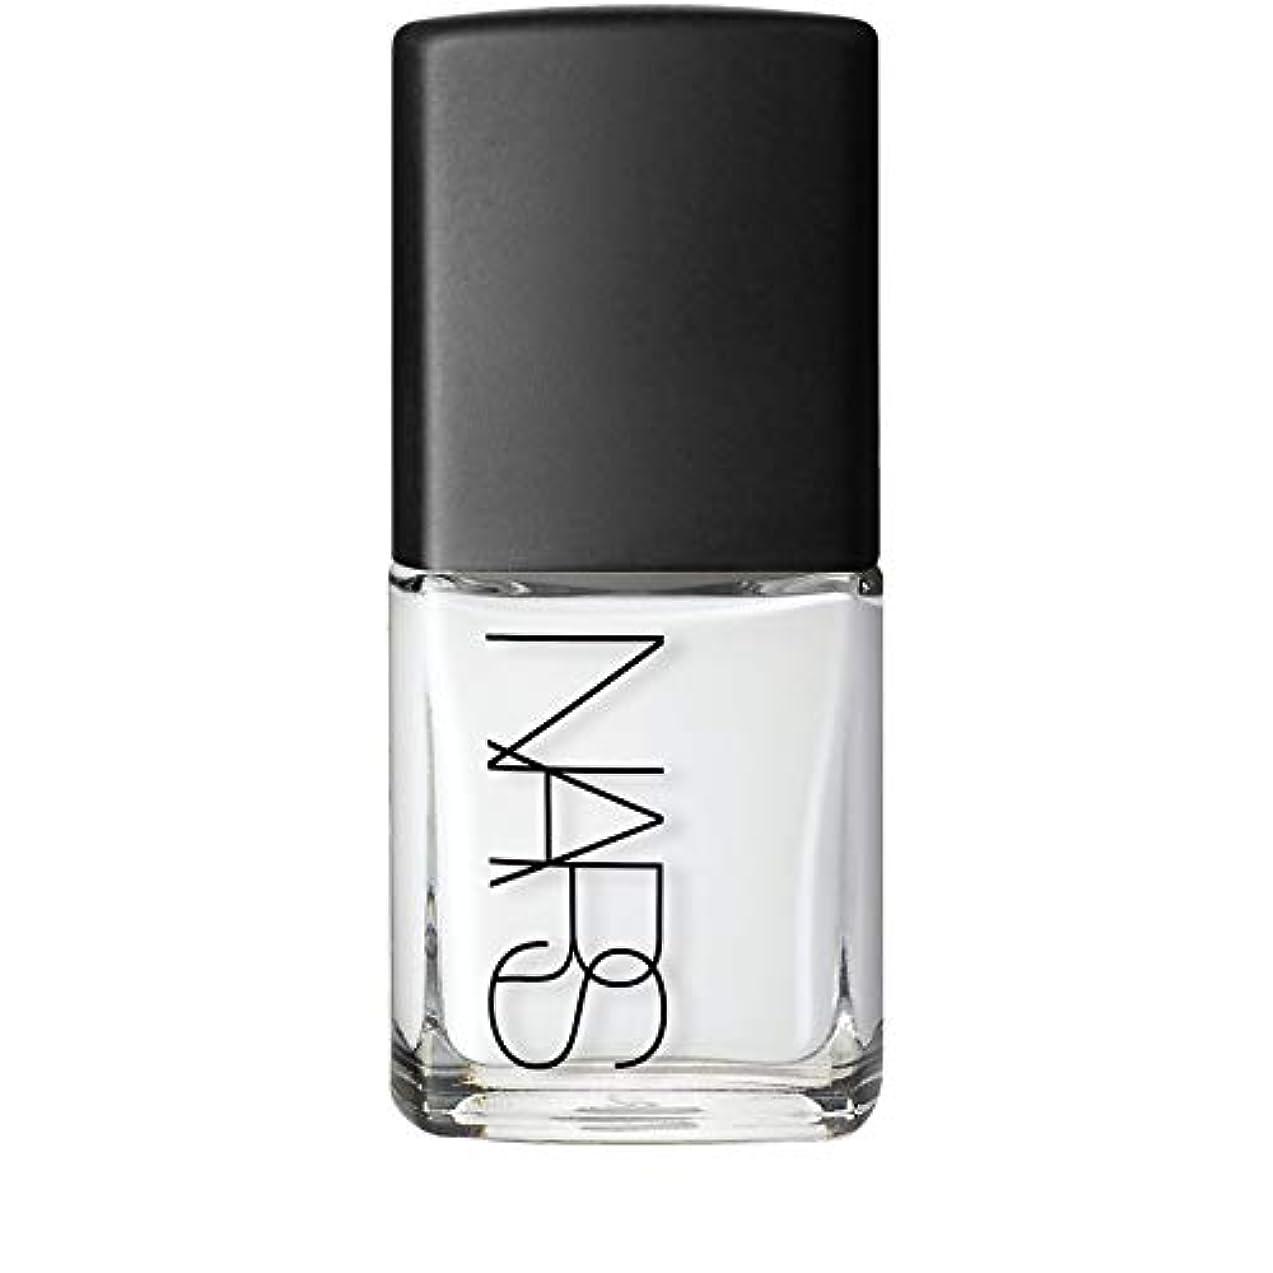 オフセット既婚バスト[Nars] Ecume白ネイルポリッシュのNar - Nars Nail Polish in Ecume White [並行輸入品]